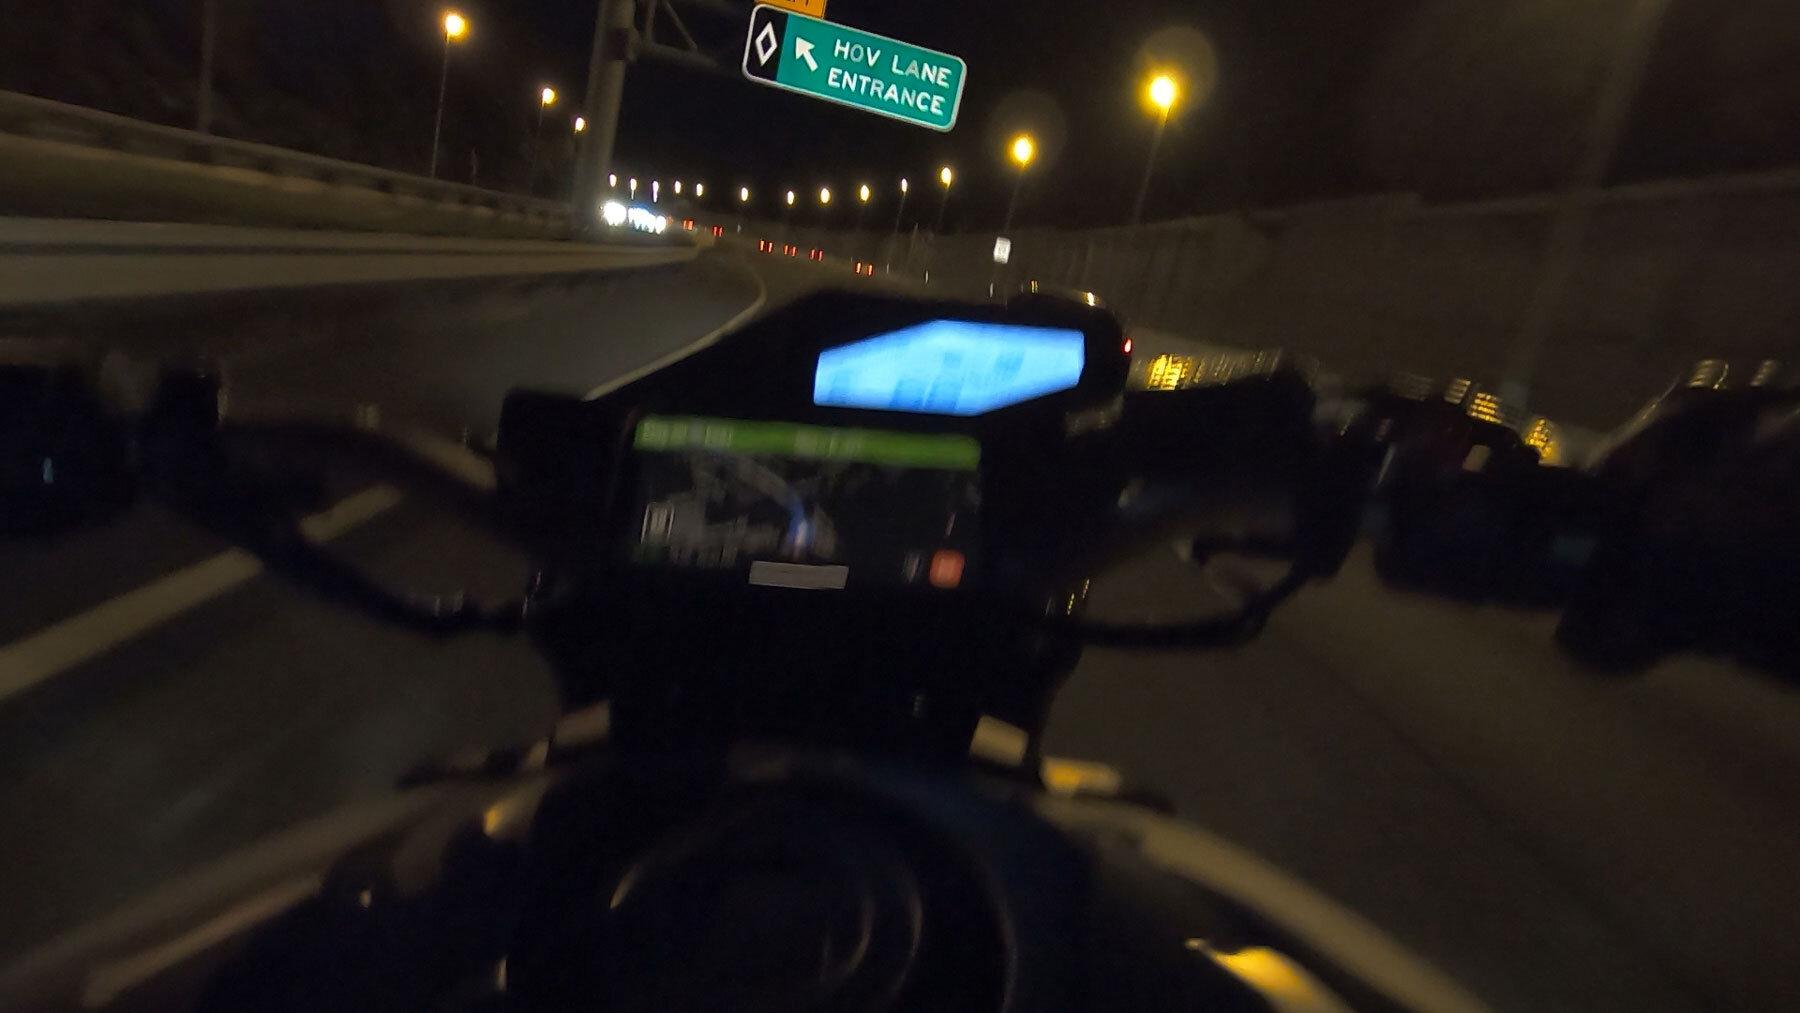 motorcycle-hov-lane.jpg